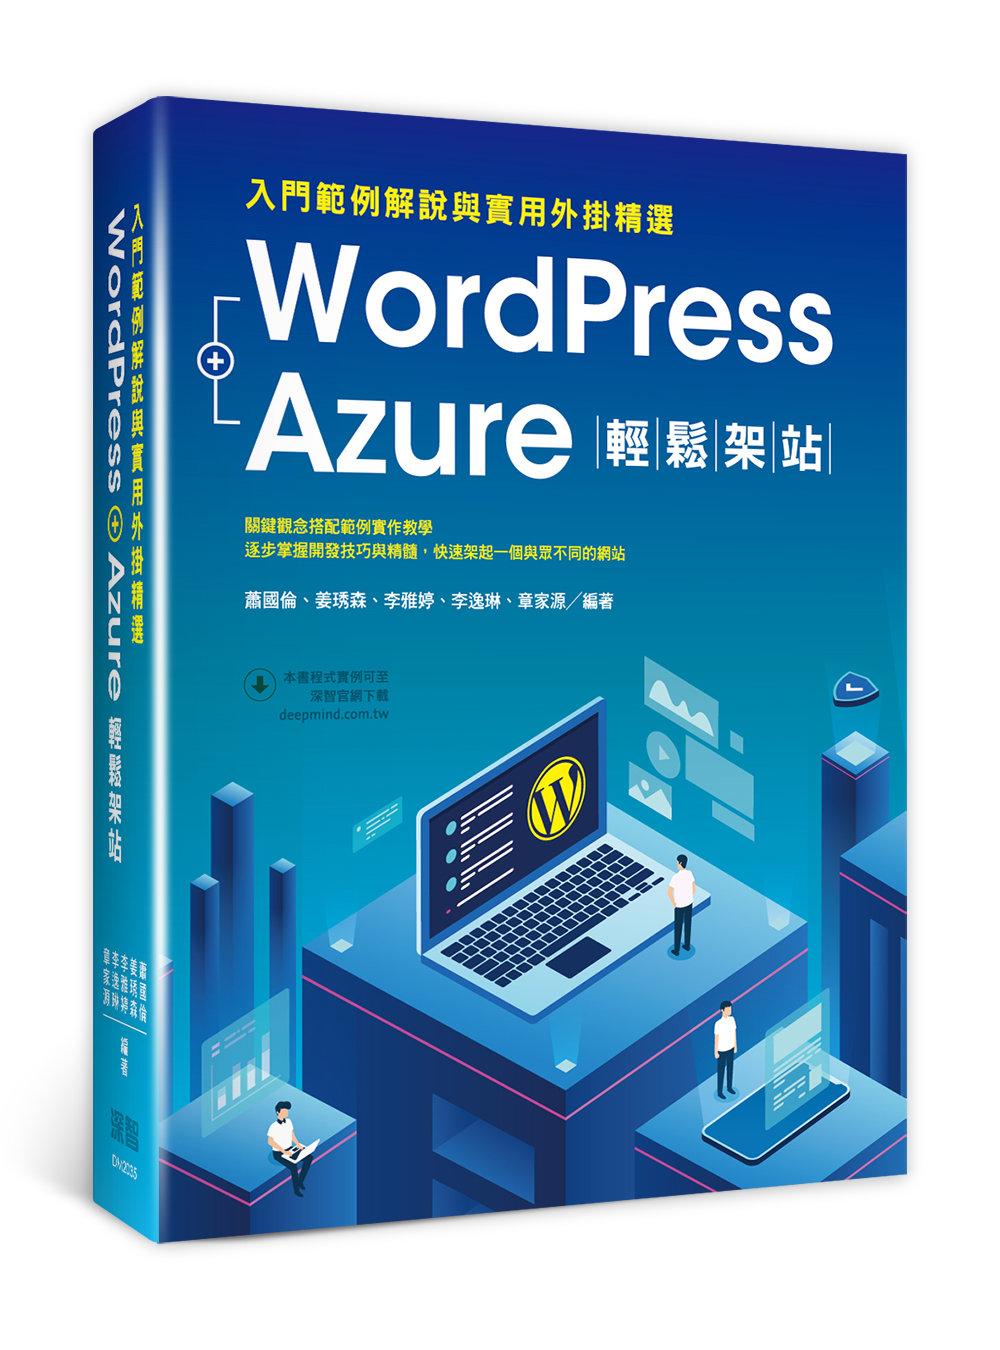 WordPress + Azure 輕鬆架站:入門範例解說與實用外掛精選-preview-1